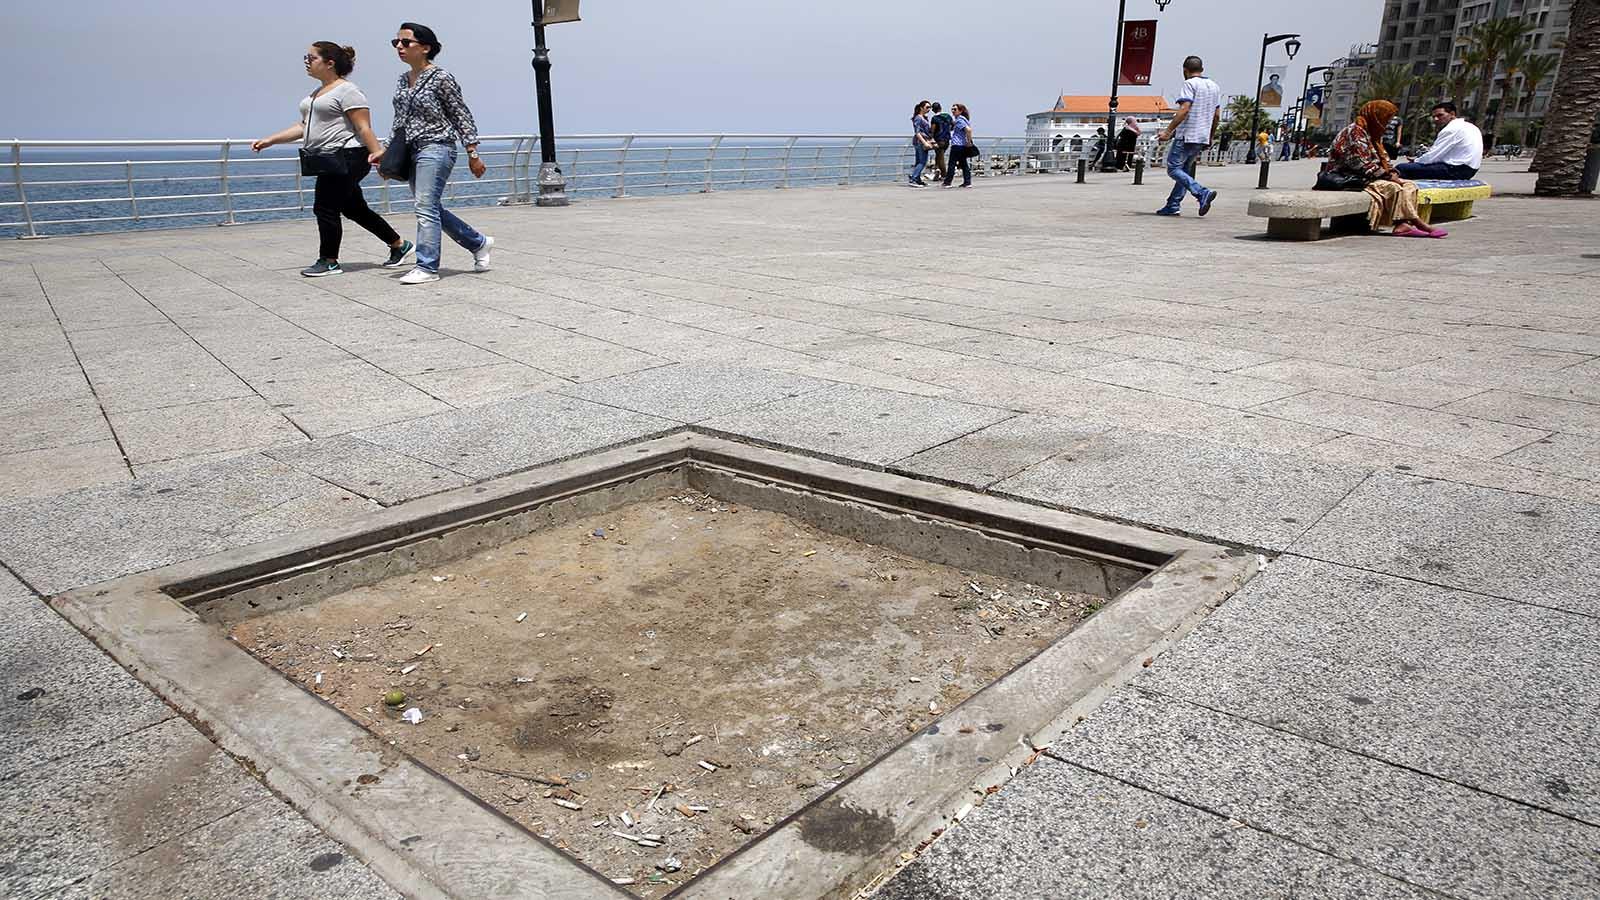 نزهة على الكورنيش البحري في بيروت 9dd48f63-a3fa-4f8a-96b2-7ad9823e1f4b